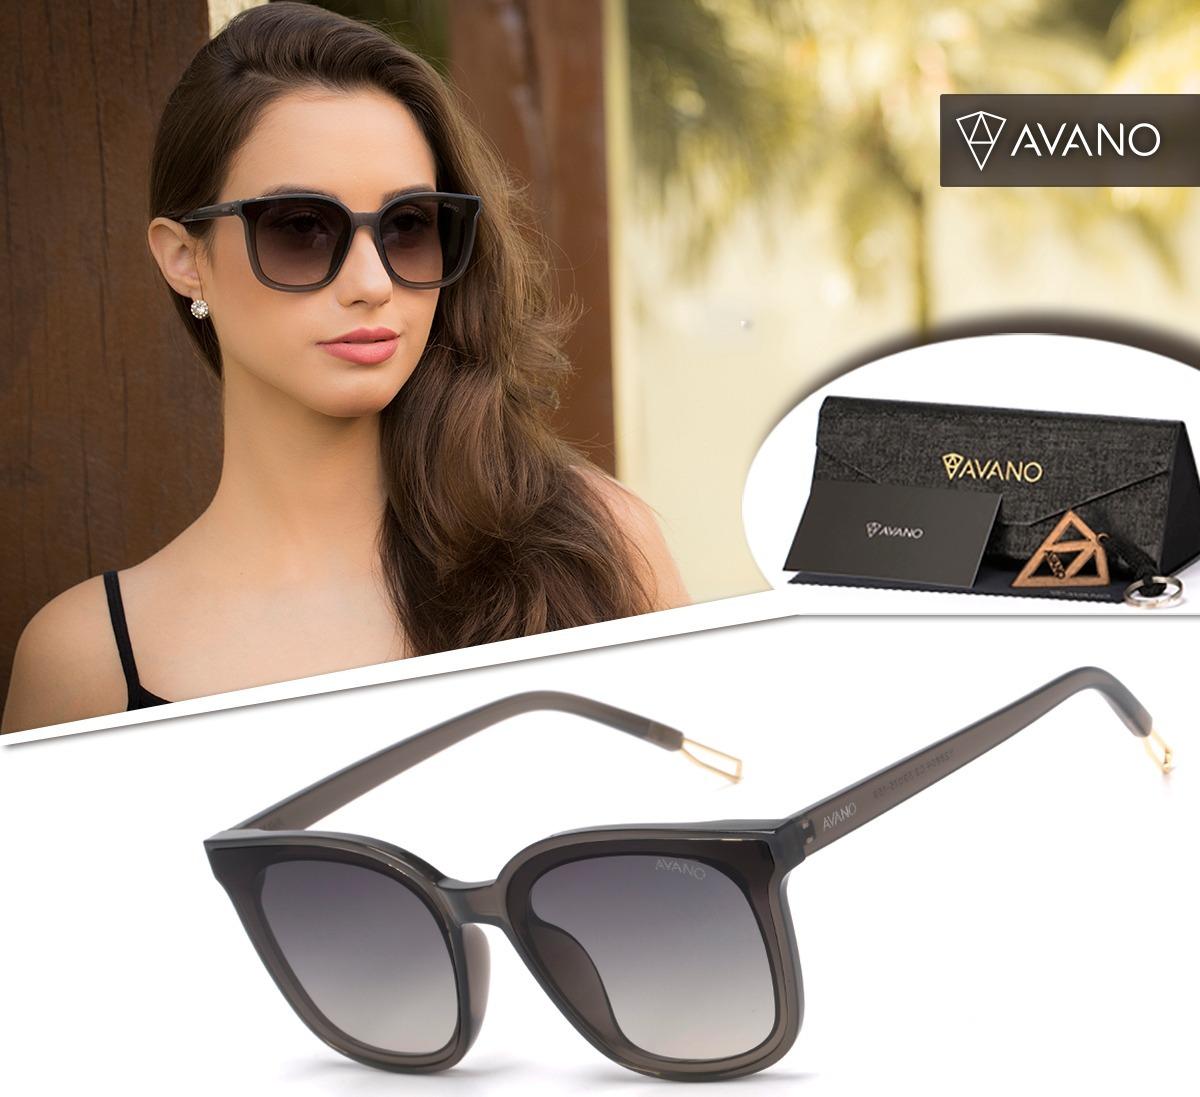 770151daed4b6 Oculos Solar Avano Feminino Av 308-c Proteção Uv400 Original - R  70 ...